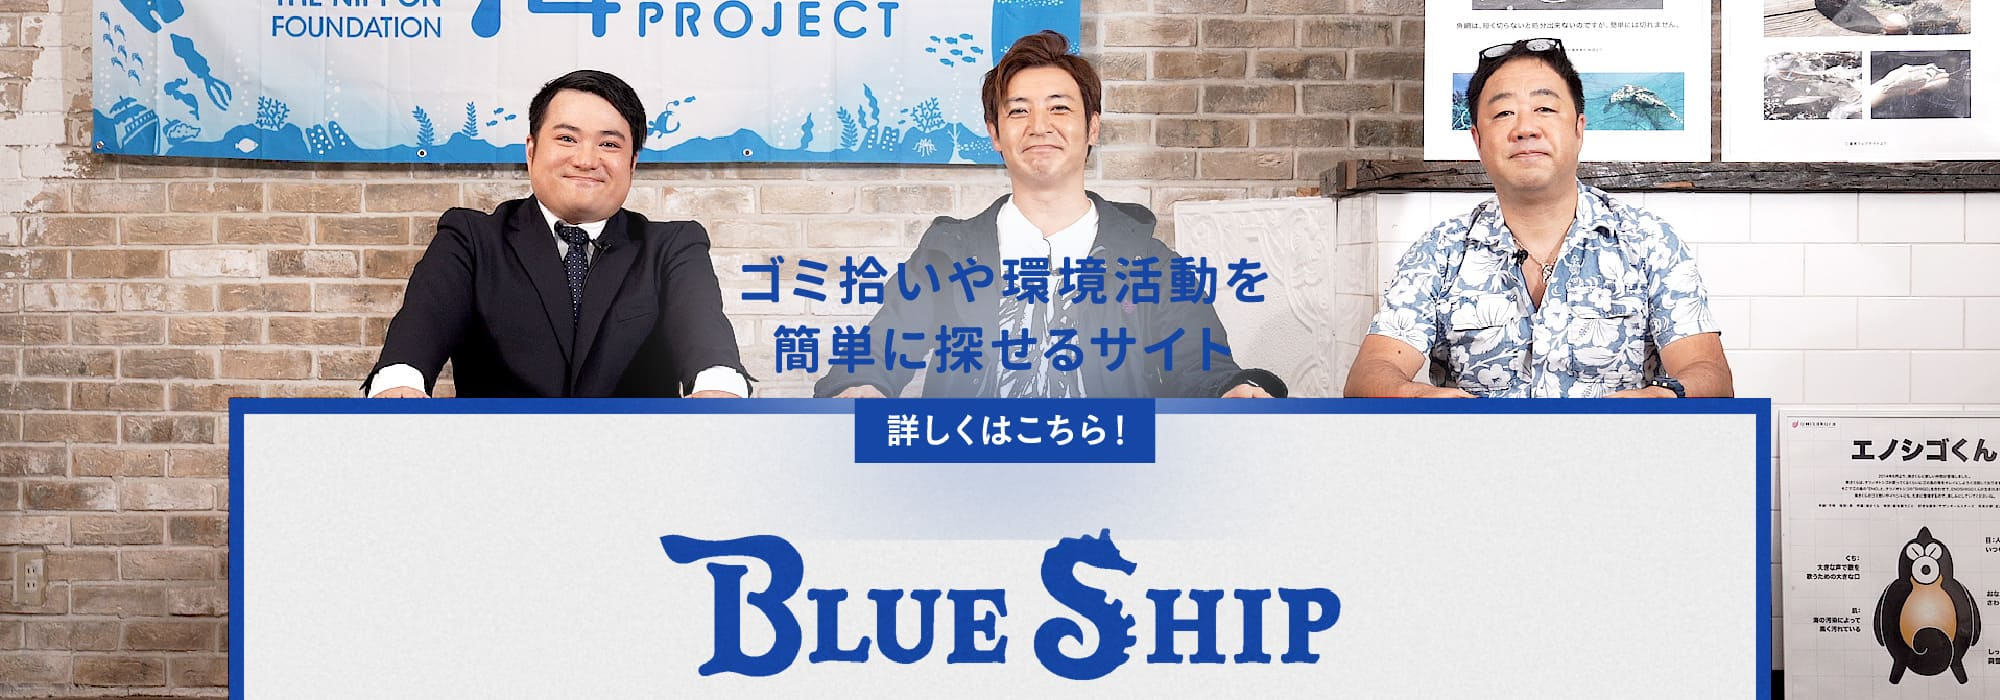 BLUE SHIPとは?